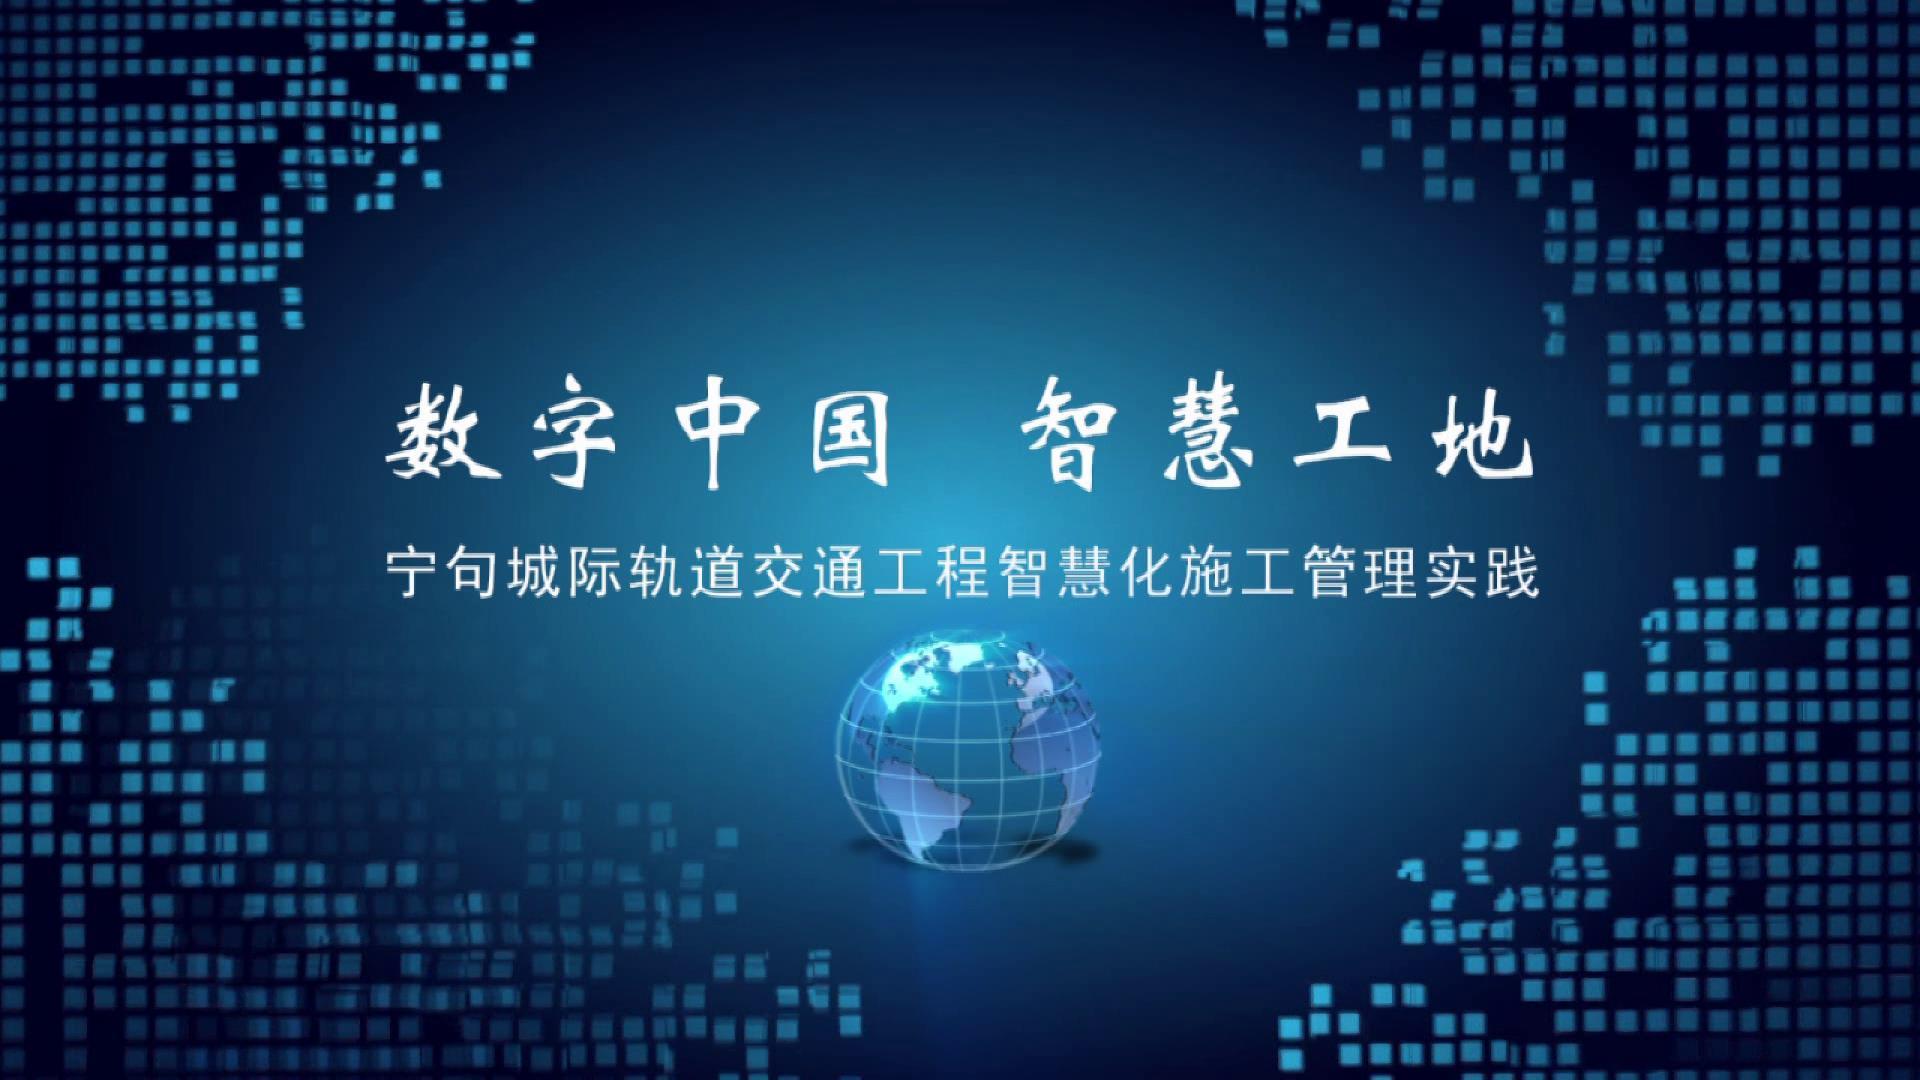 宁句城际轨道交通工程智慧化施工管理实践